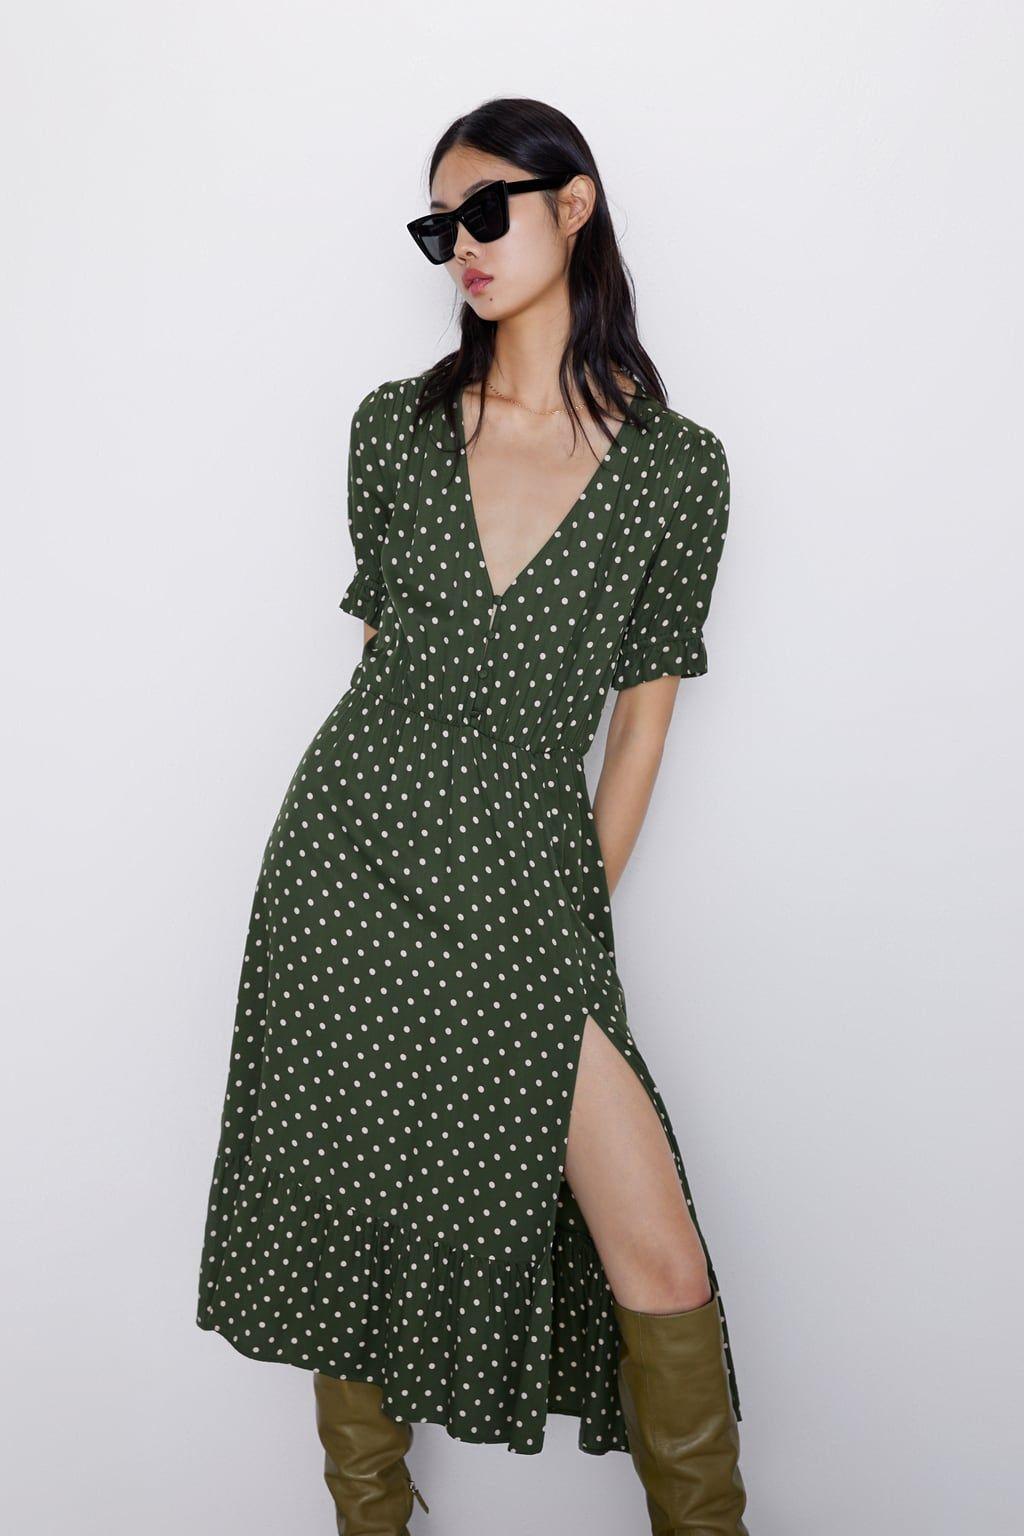 estilos de moda rendimiento superior variedad de diseños y colores El vestido de lunares que Zara no se cansa de versionar